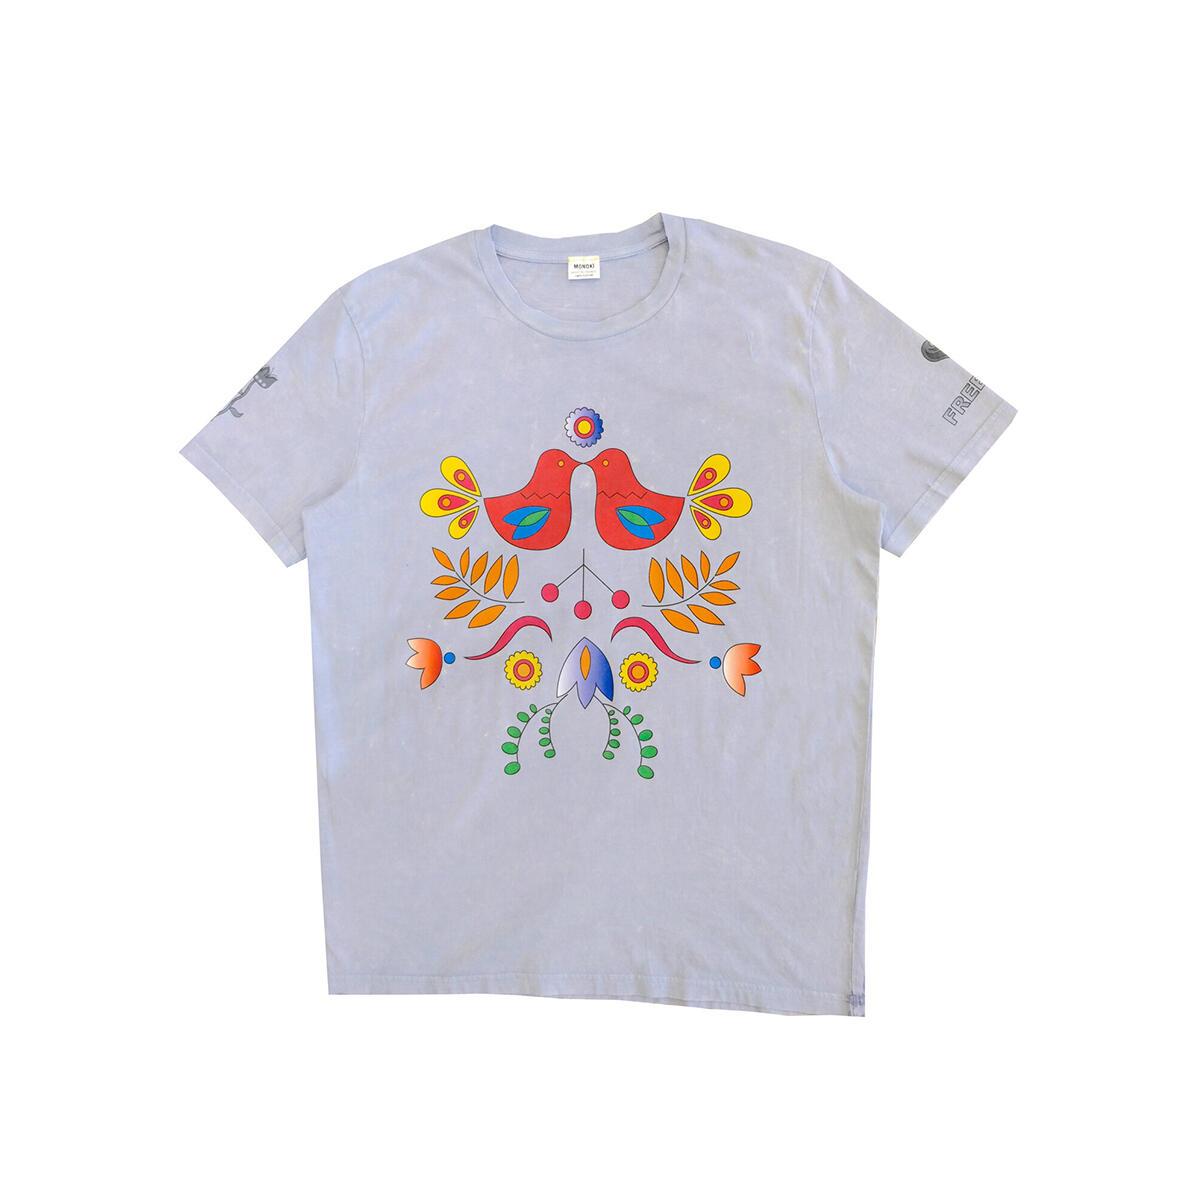 Karma T-Shirt – Sky blue